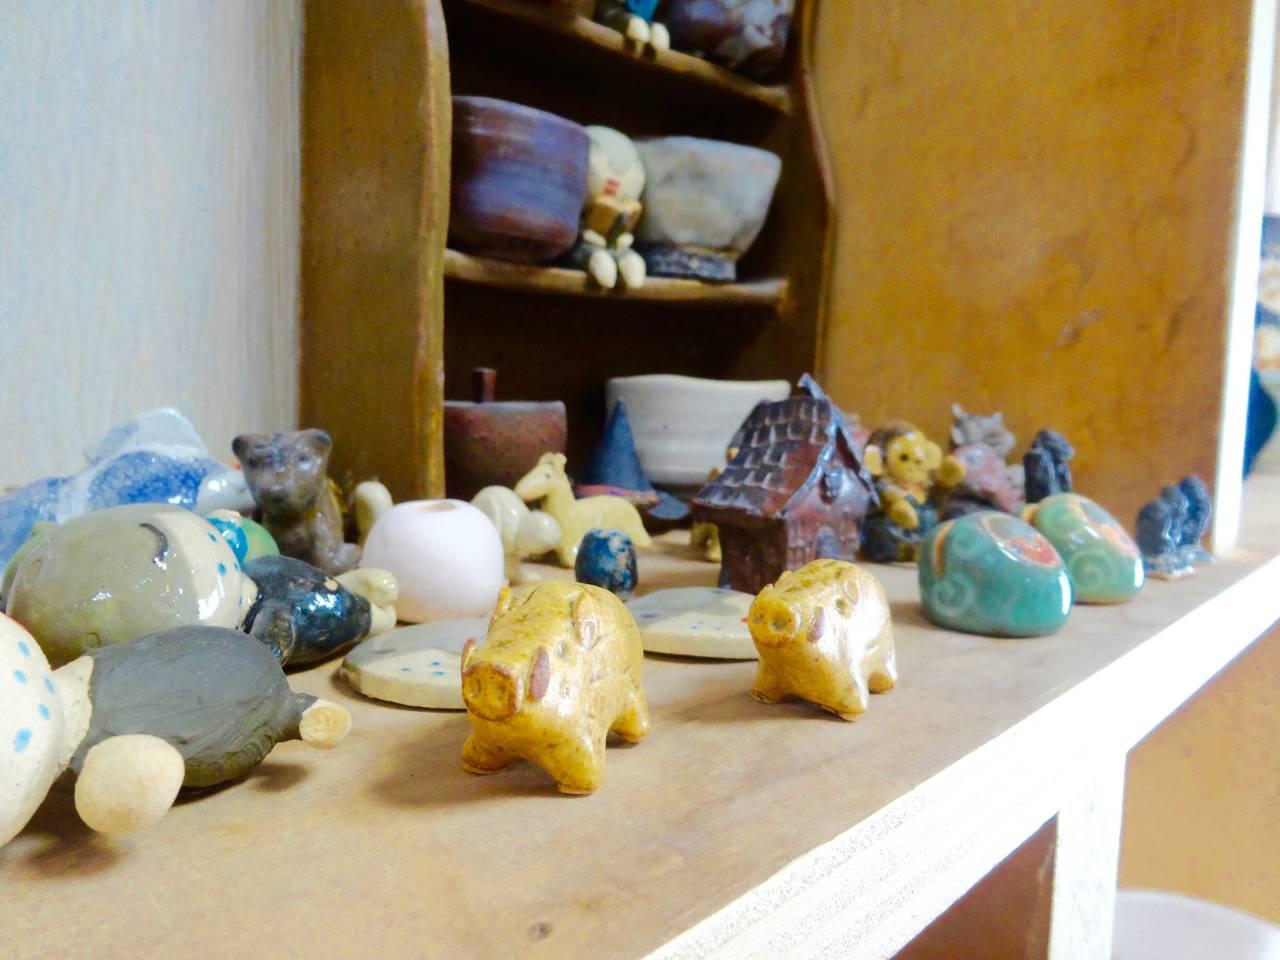 【東京・板橋】親子で一緒に初めての陶芸体験「陶芸教室Futaba」